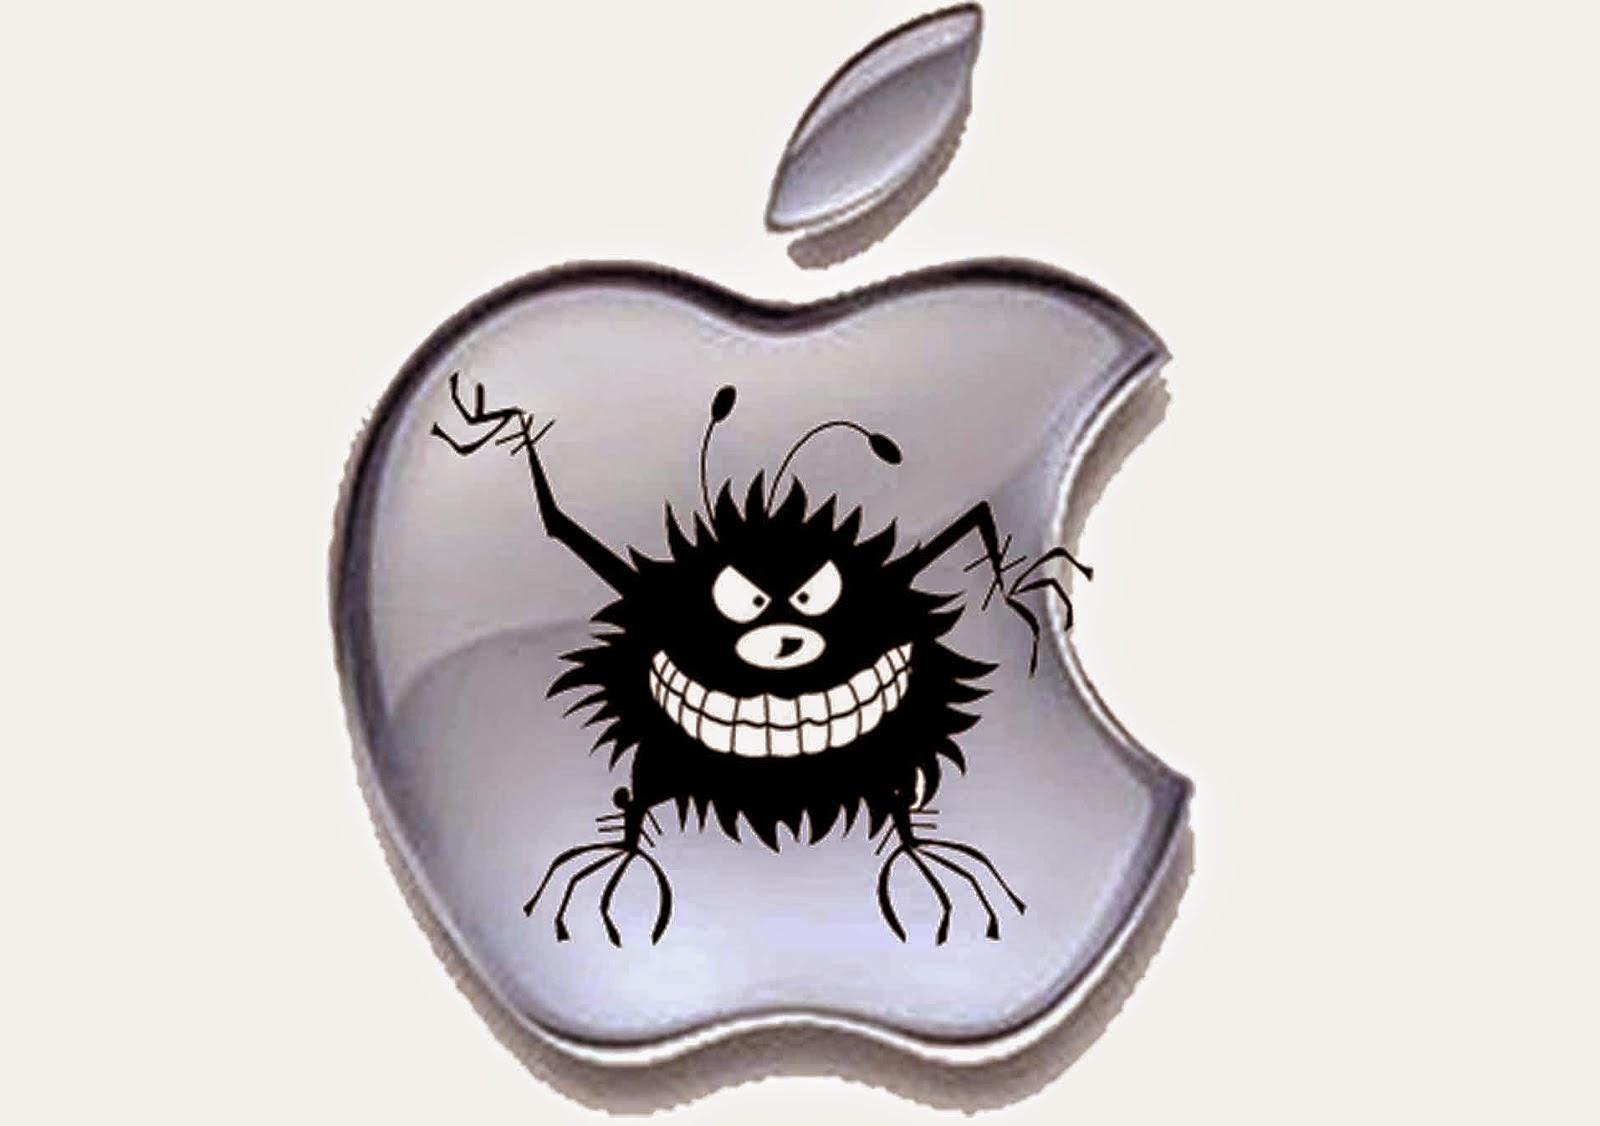 Apple: El ataque a las celebridades no ha sido provocado por errores en iCloud